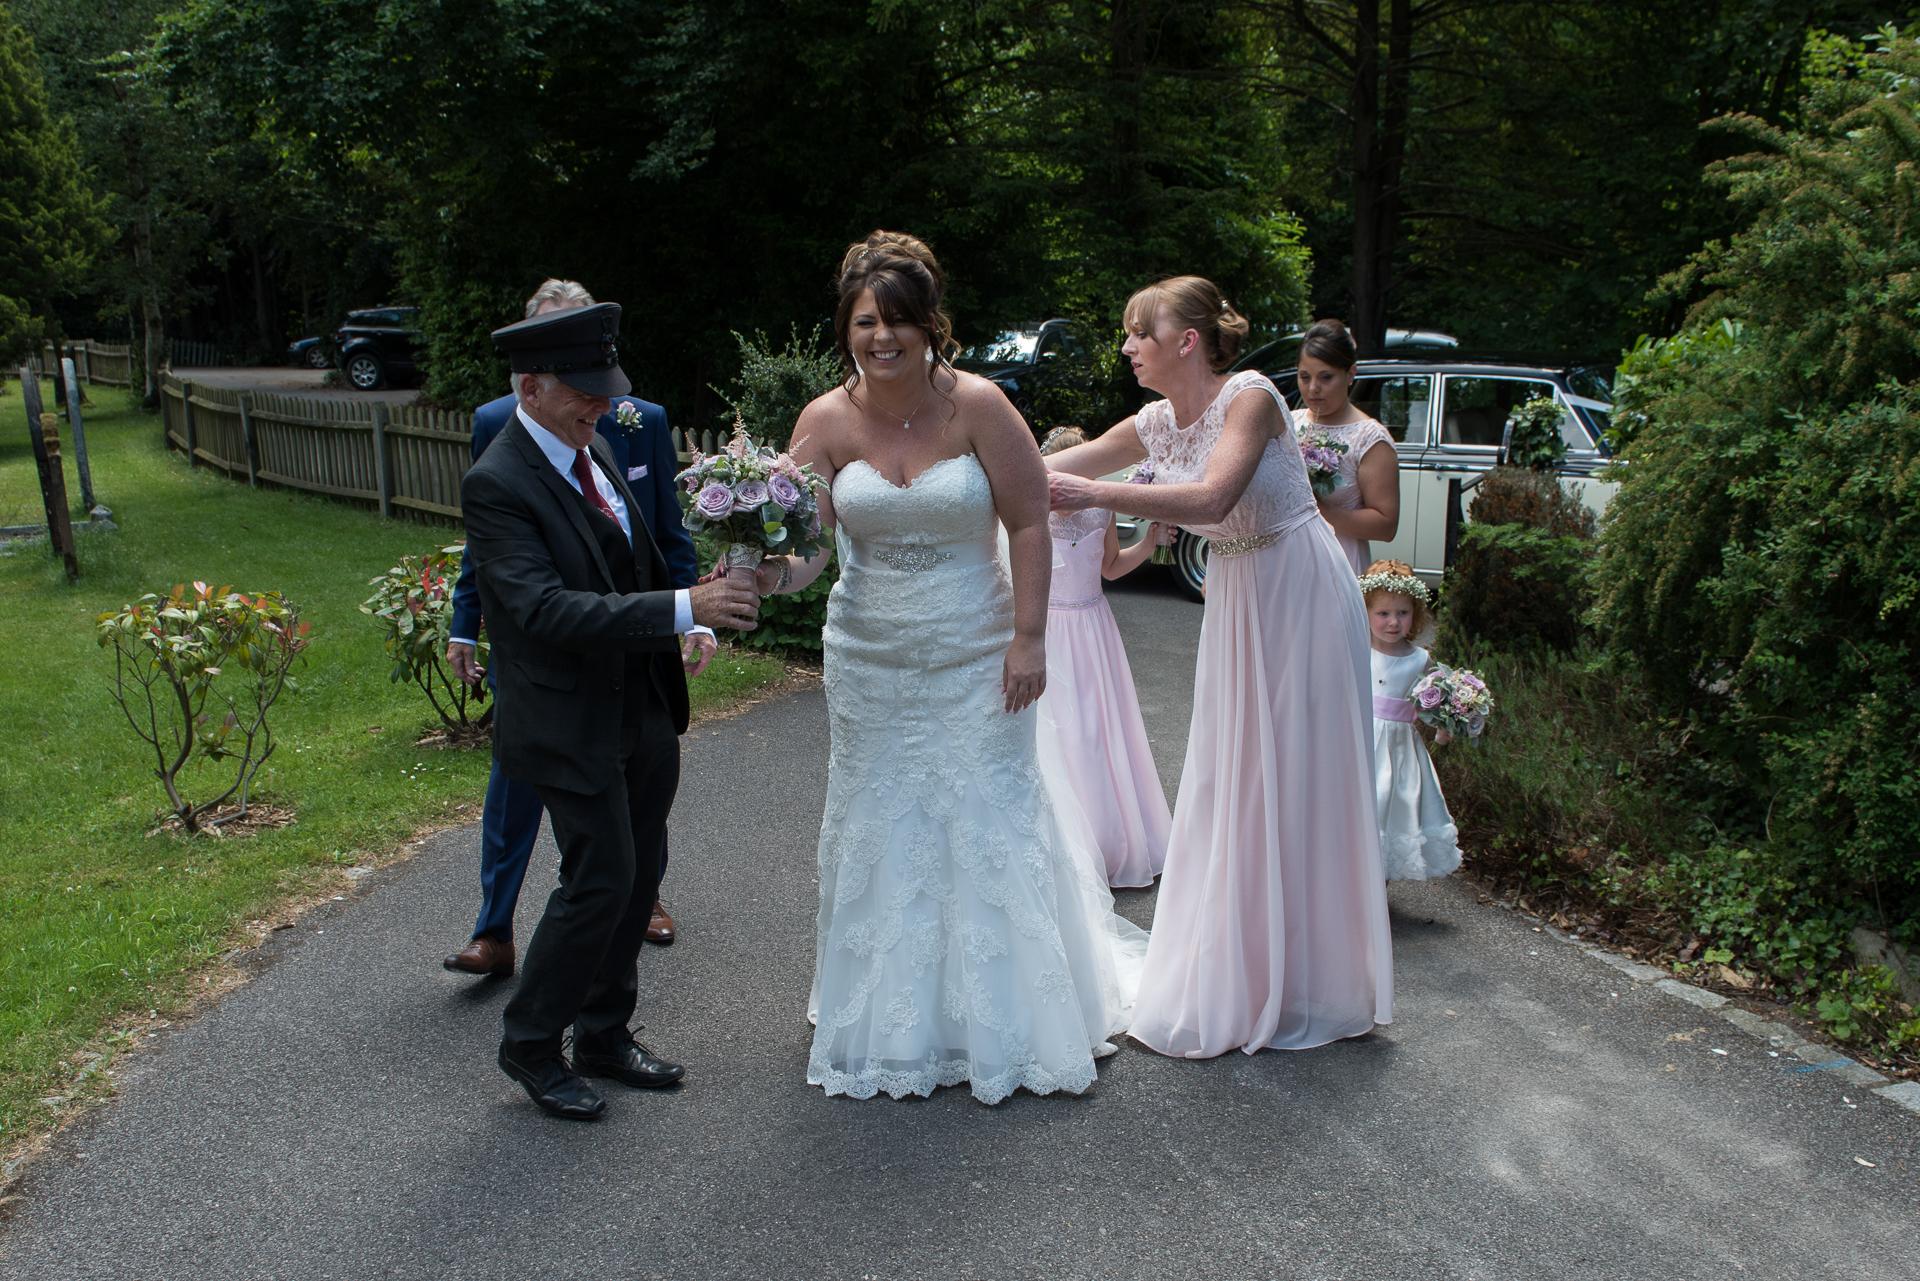 Frensham-Pond-Hotel-wedding_06.JPG